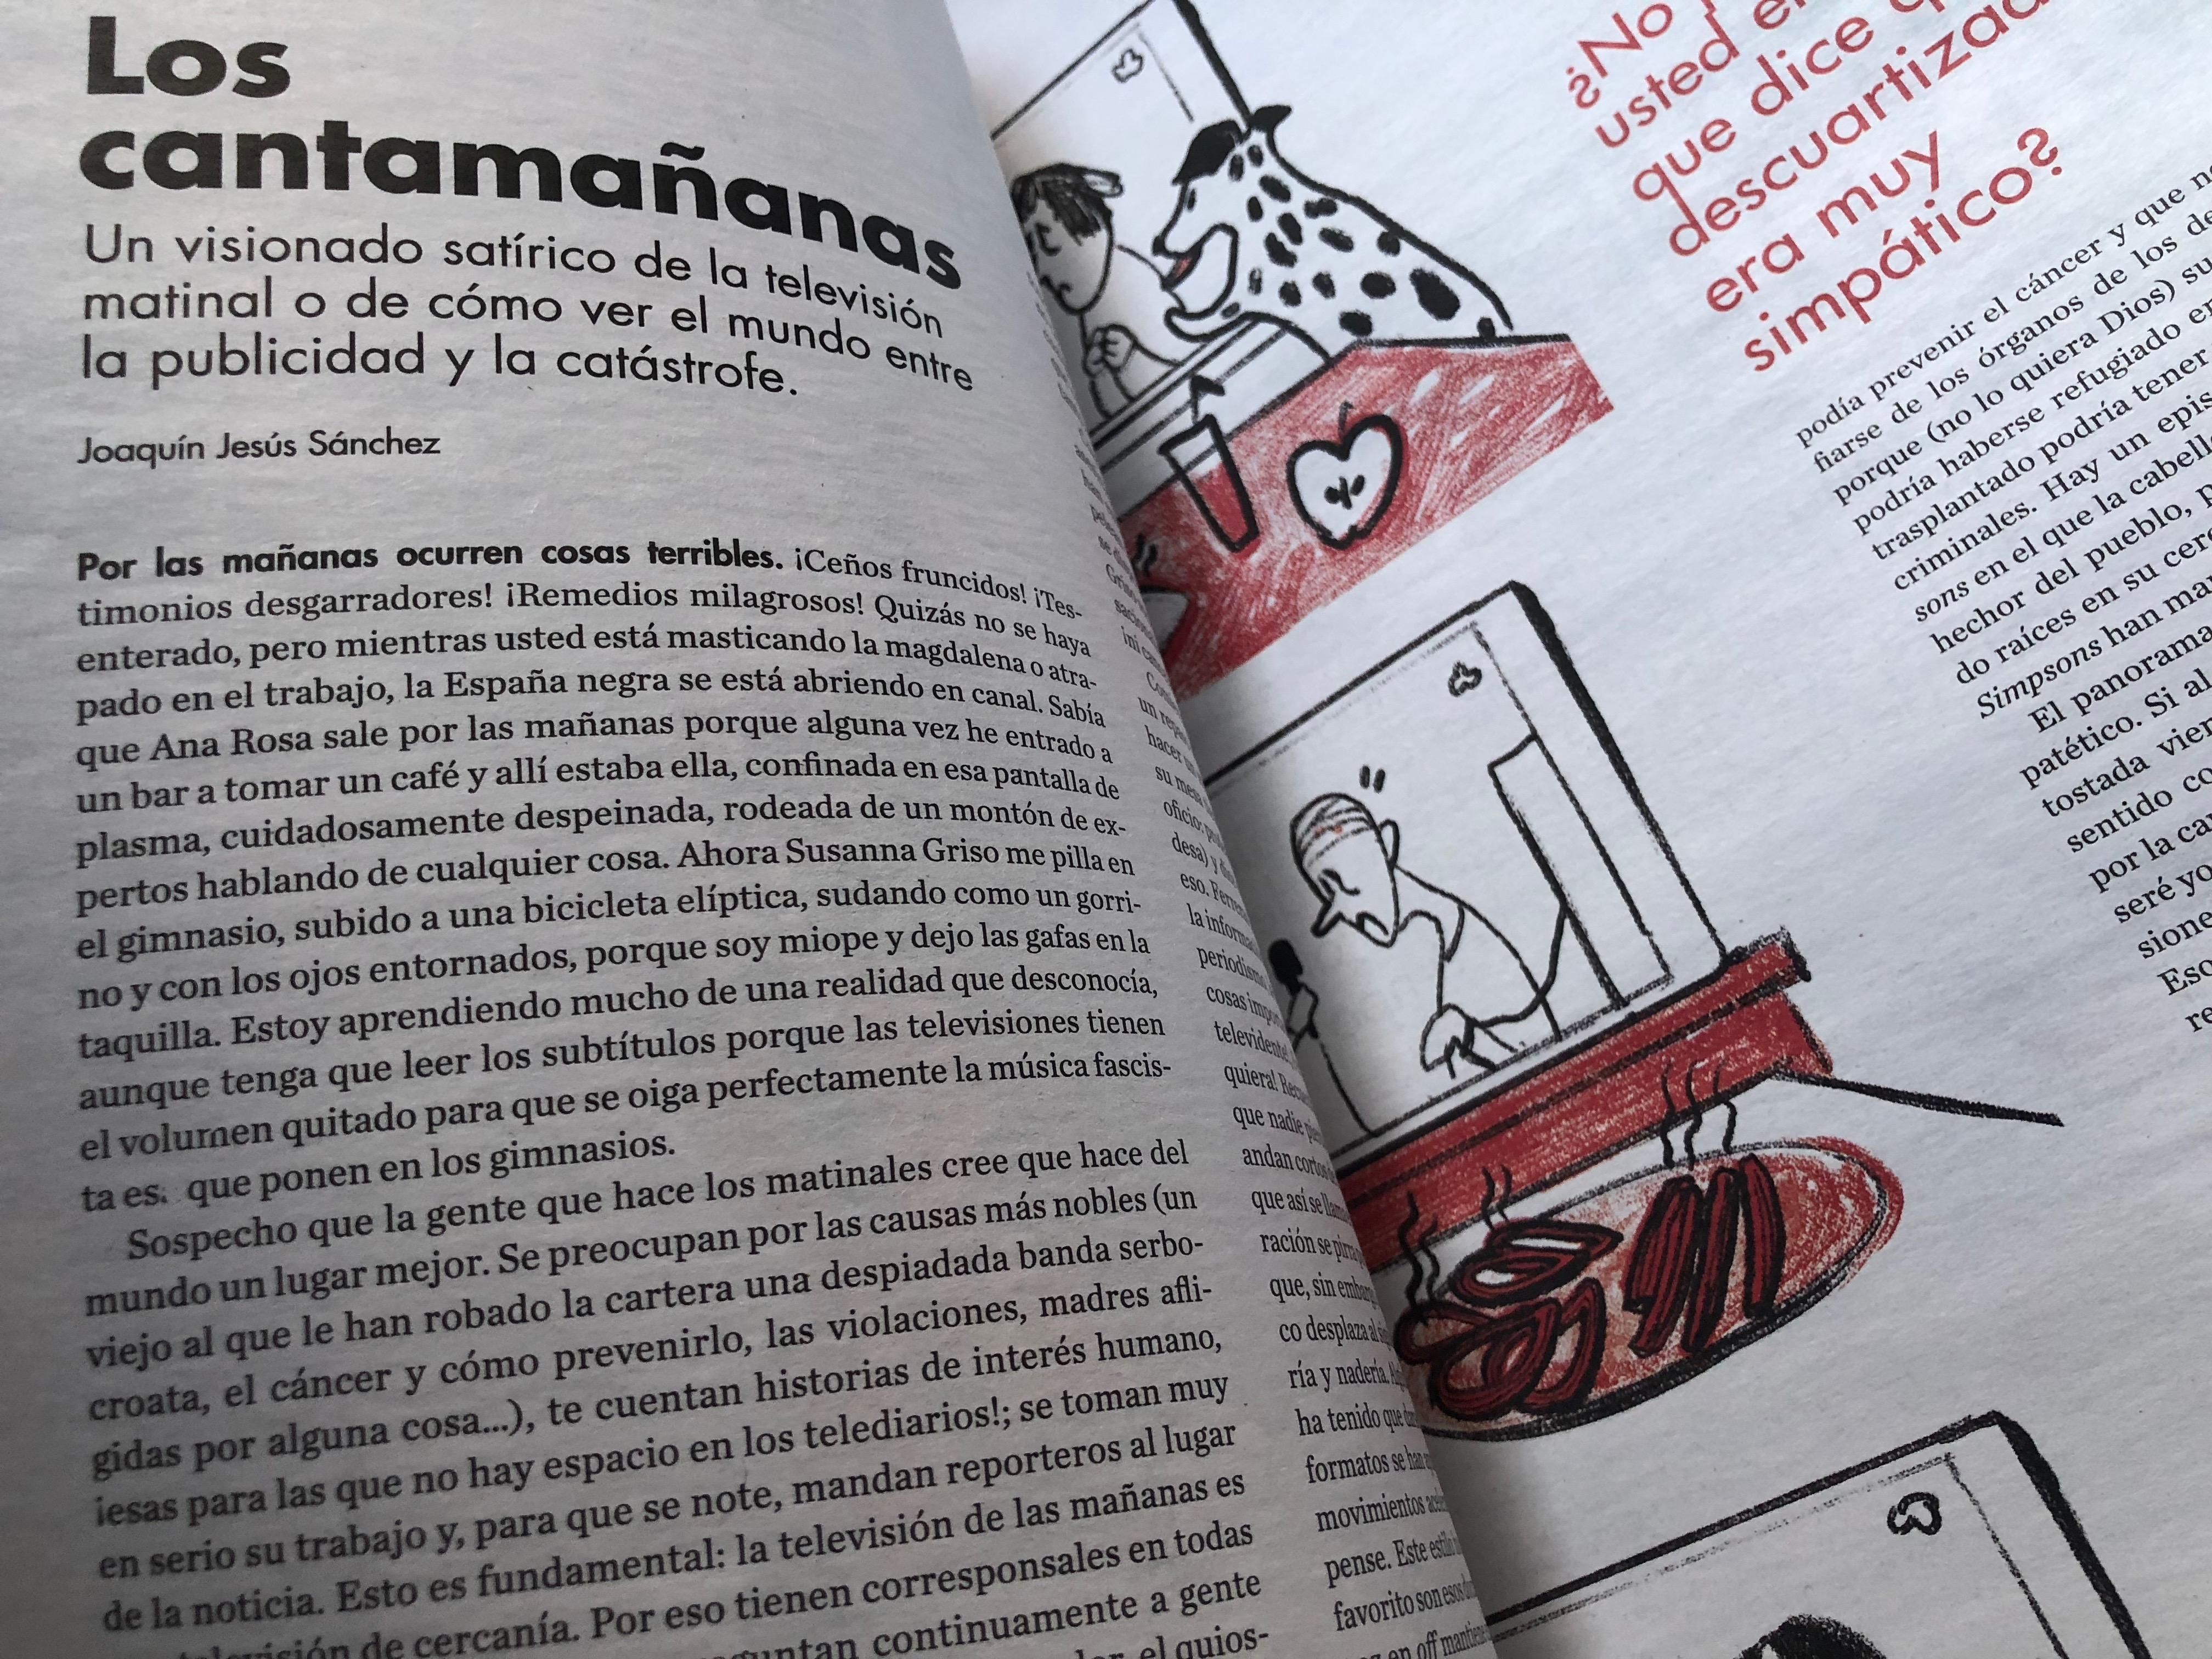 Los cantamañanas